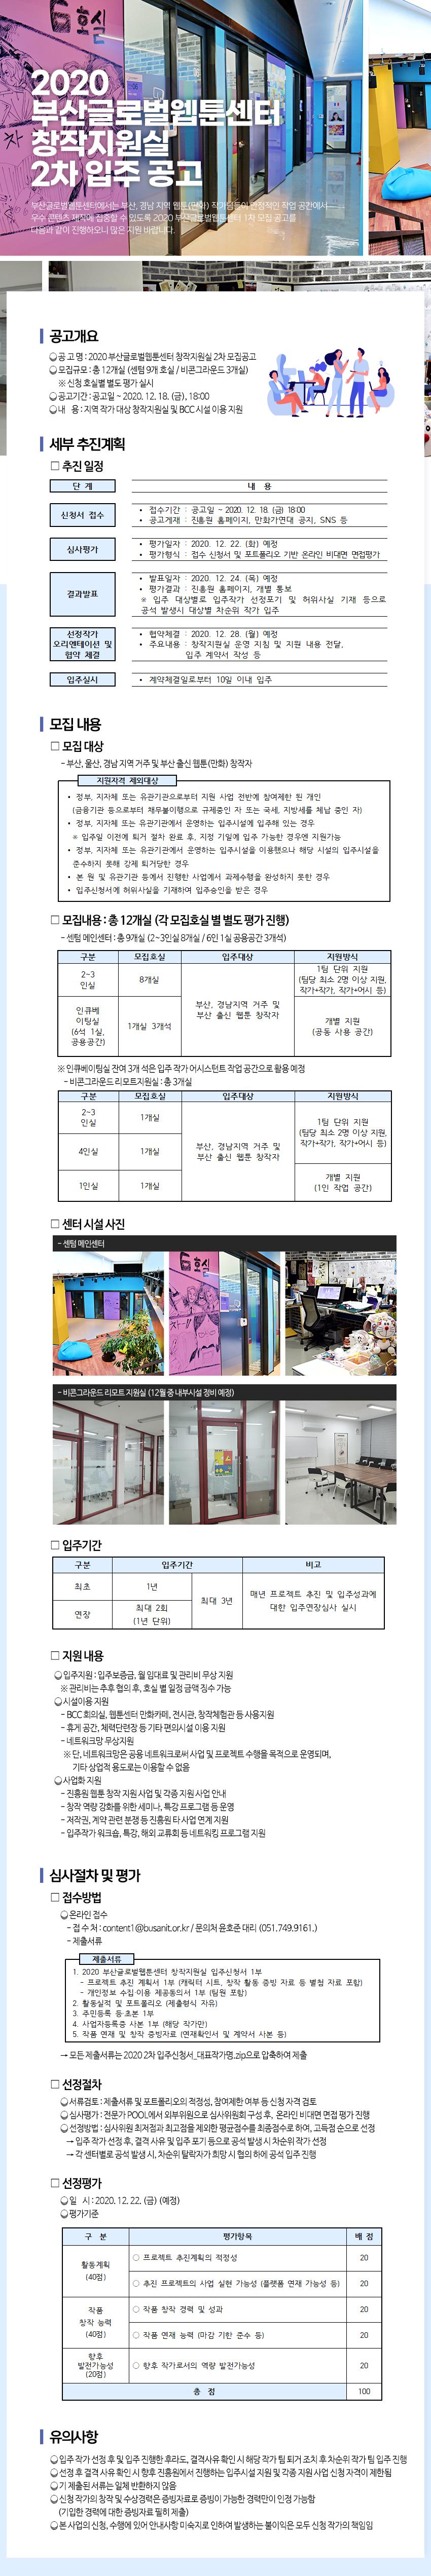 2020 부산글로벌웹툰센터 창작지원실 2차 입주모집 공고문